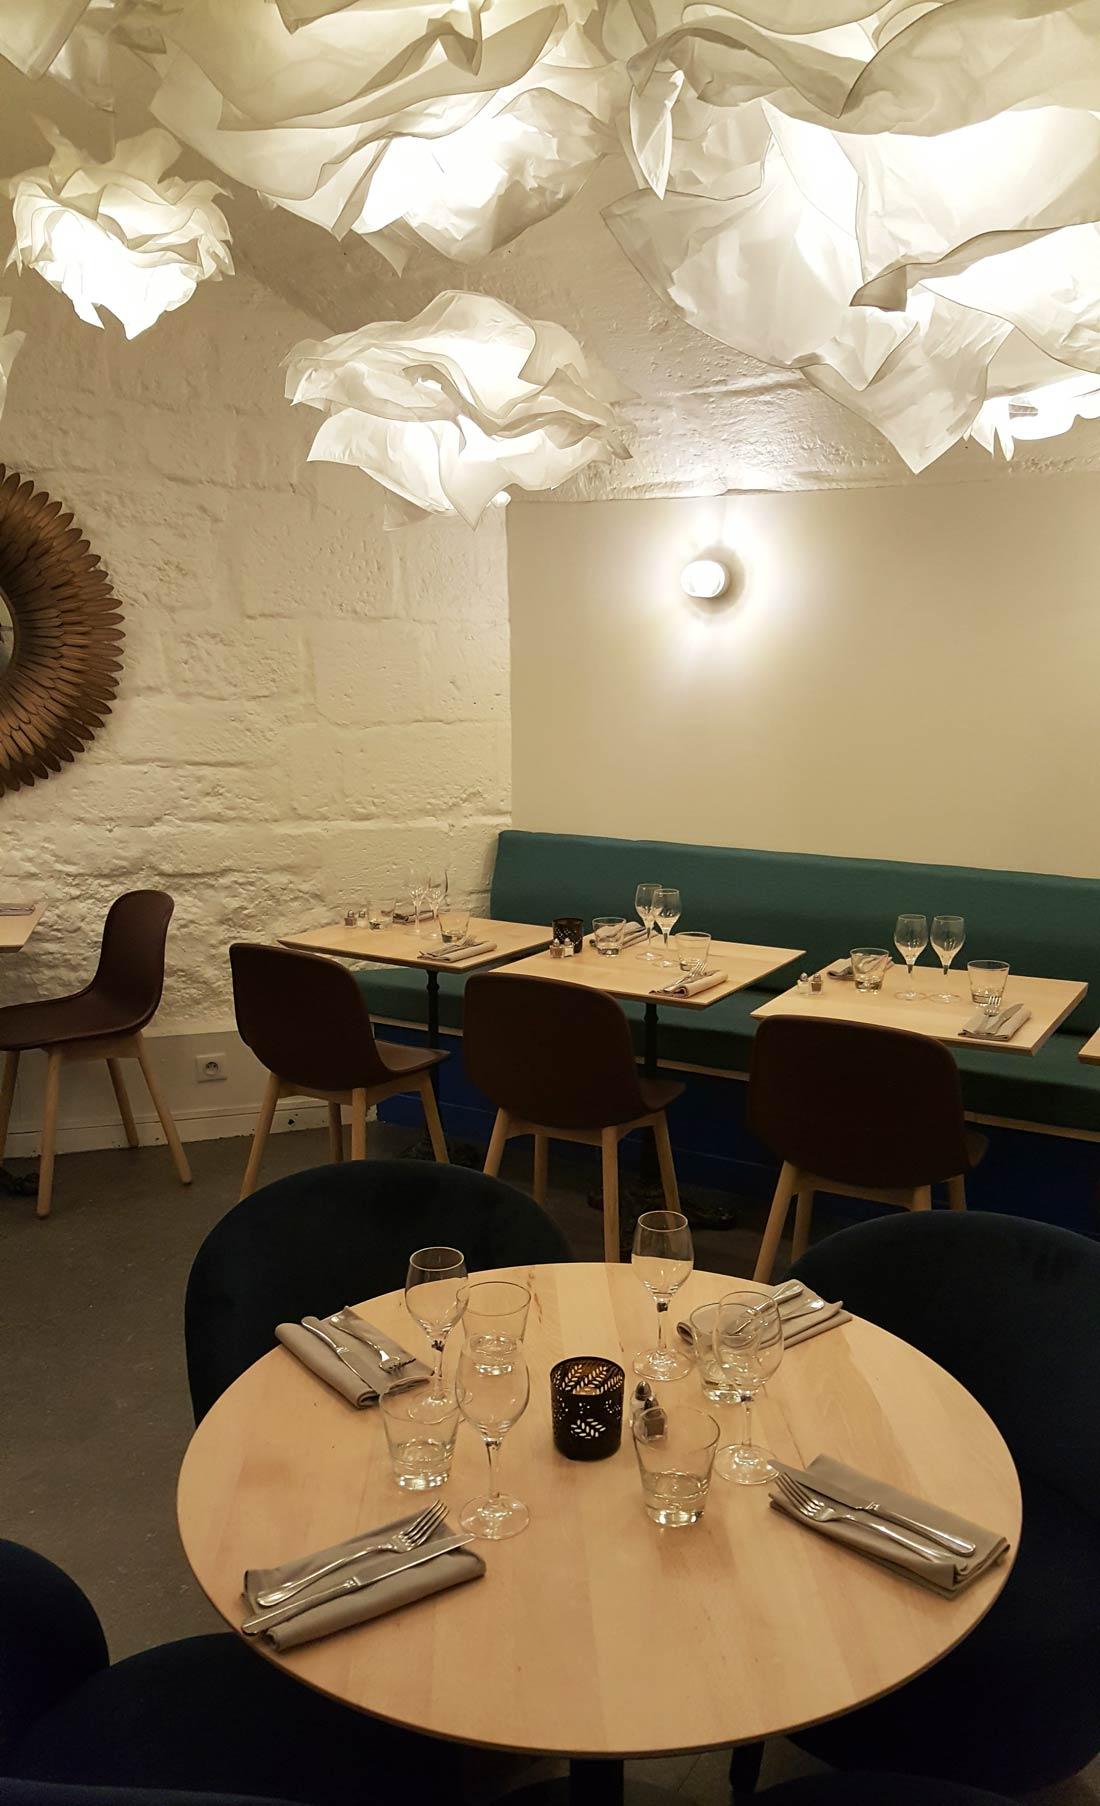 visite du restaurant Rainettes au sous-sol